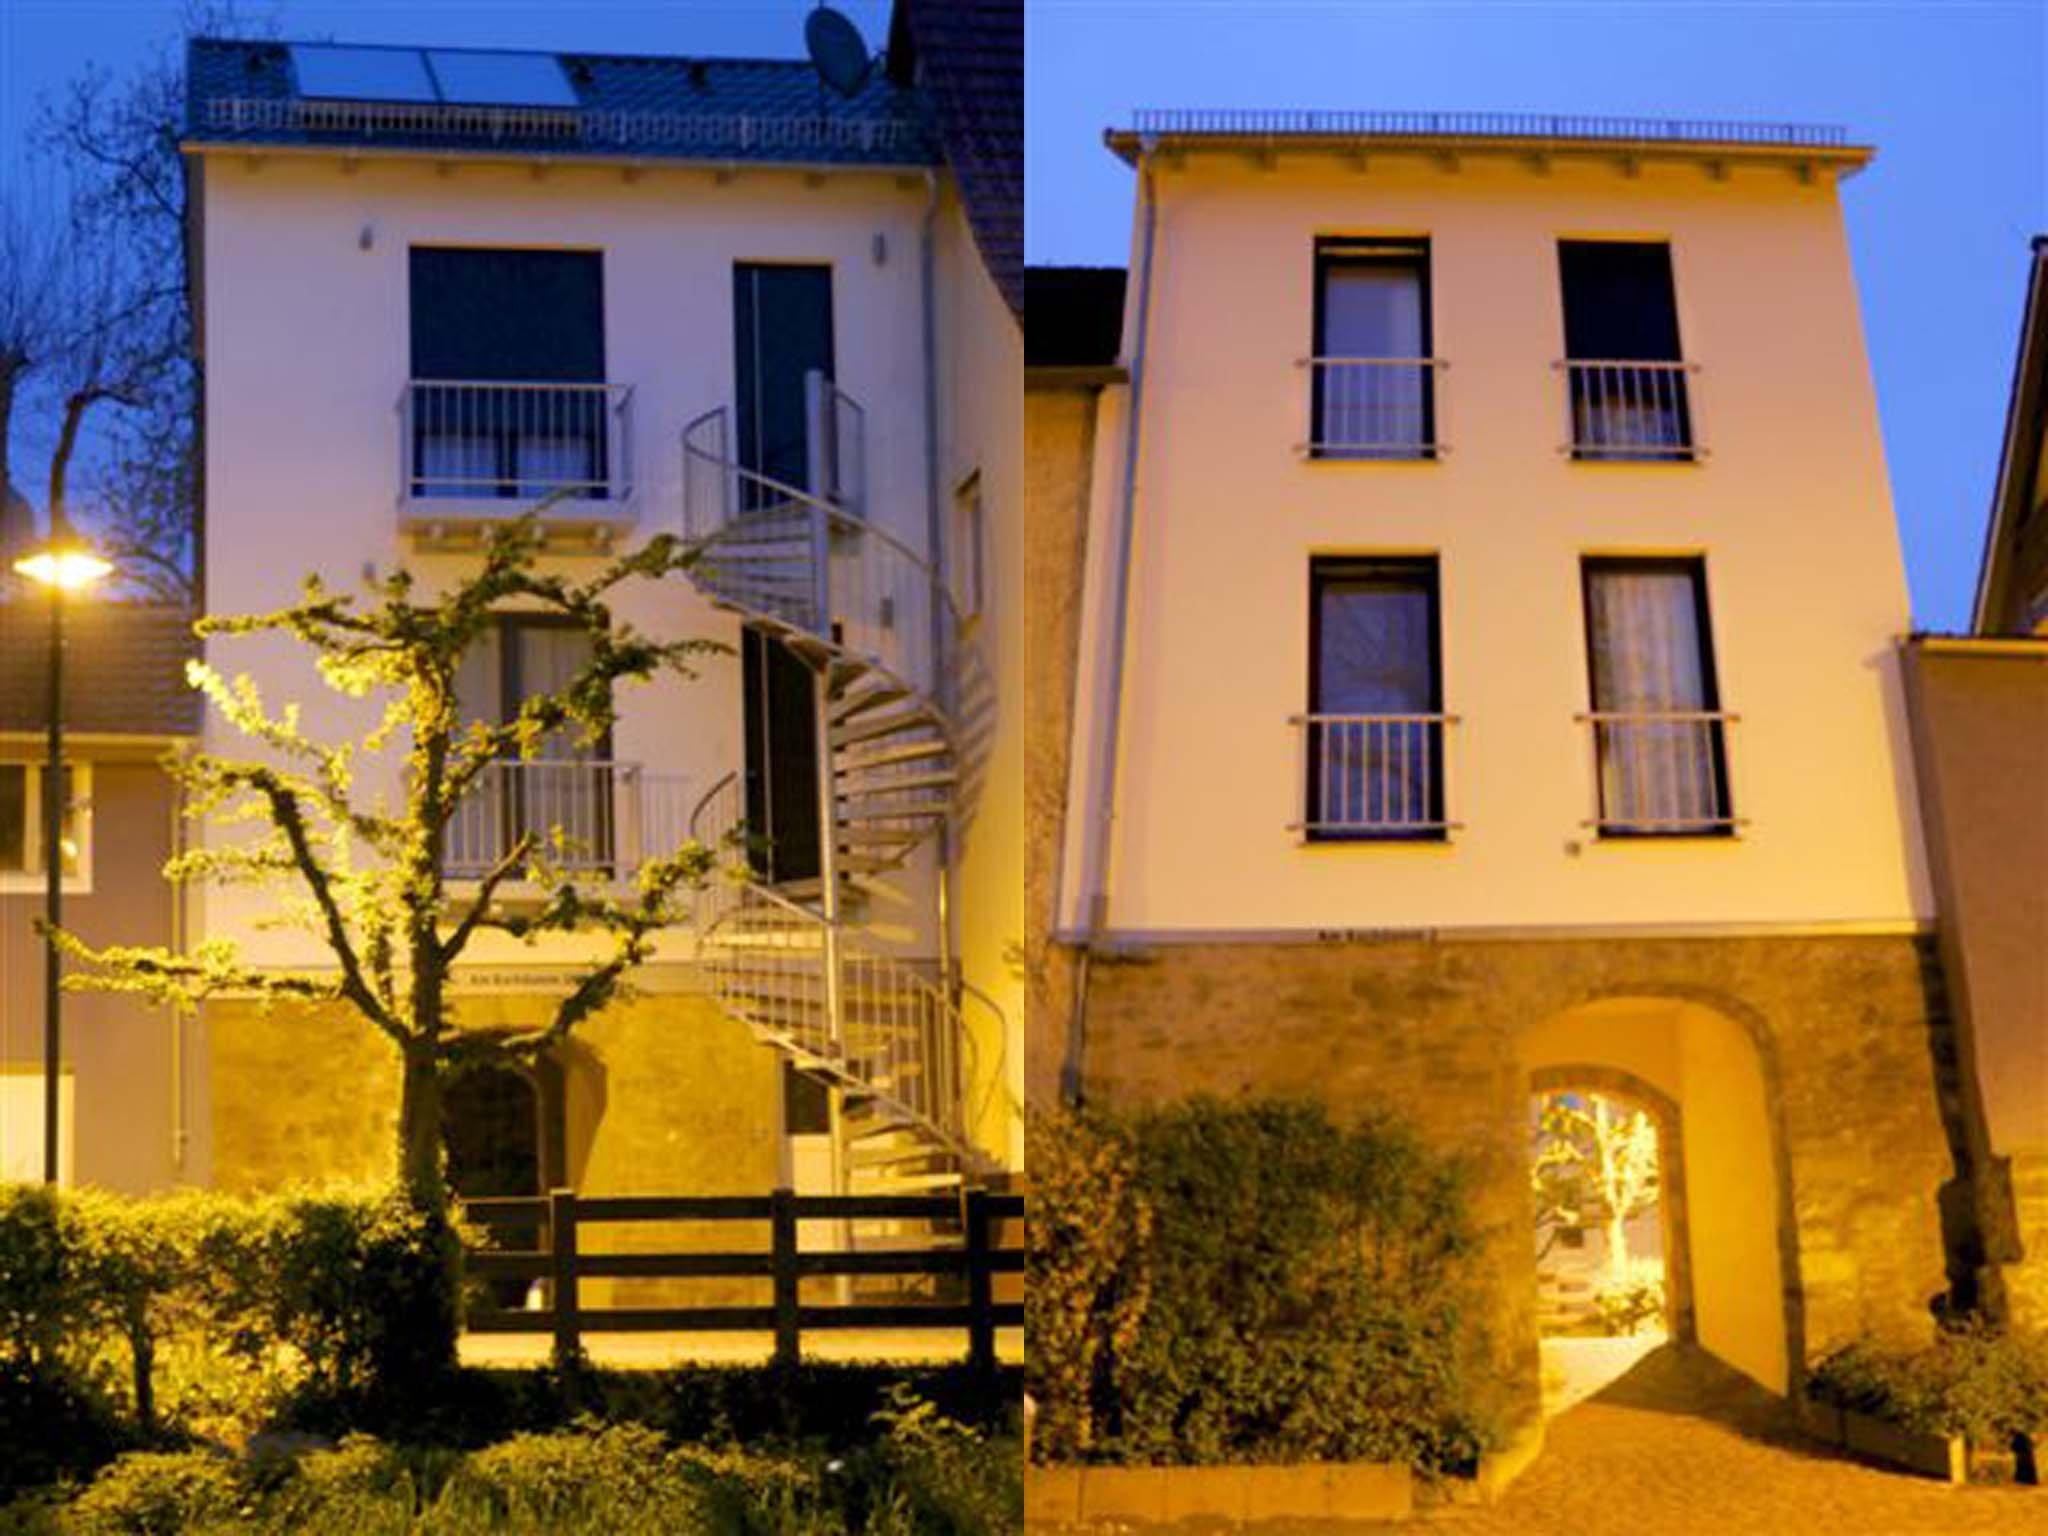 Günstige Hotels in Sinsheim buchen | wo.de